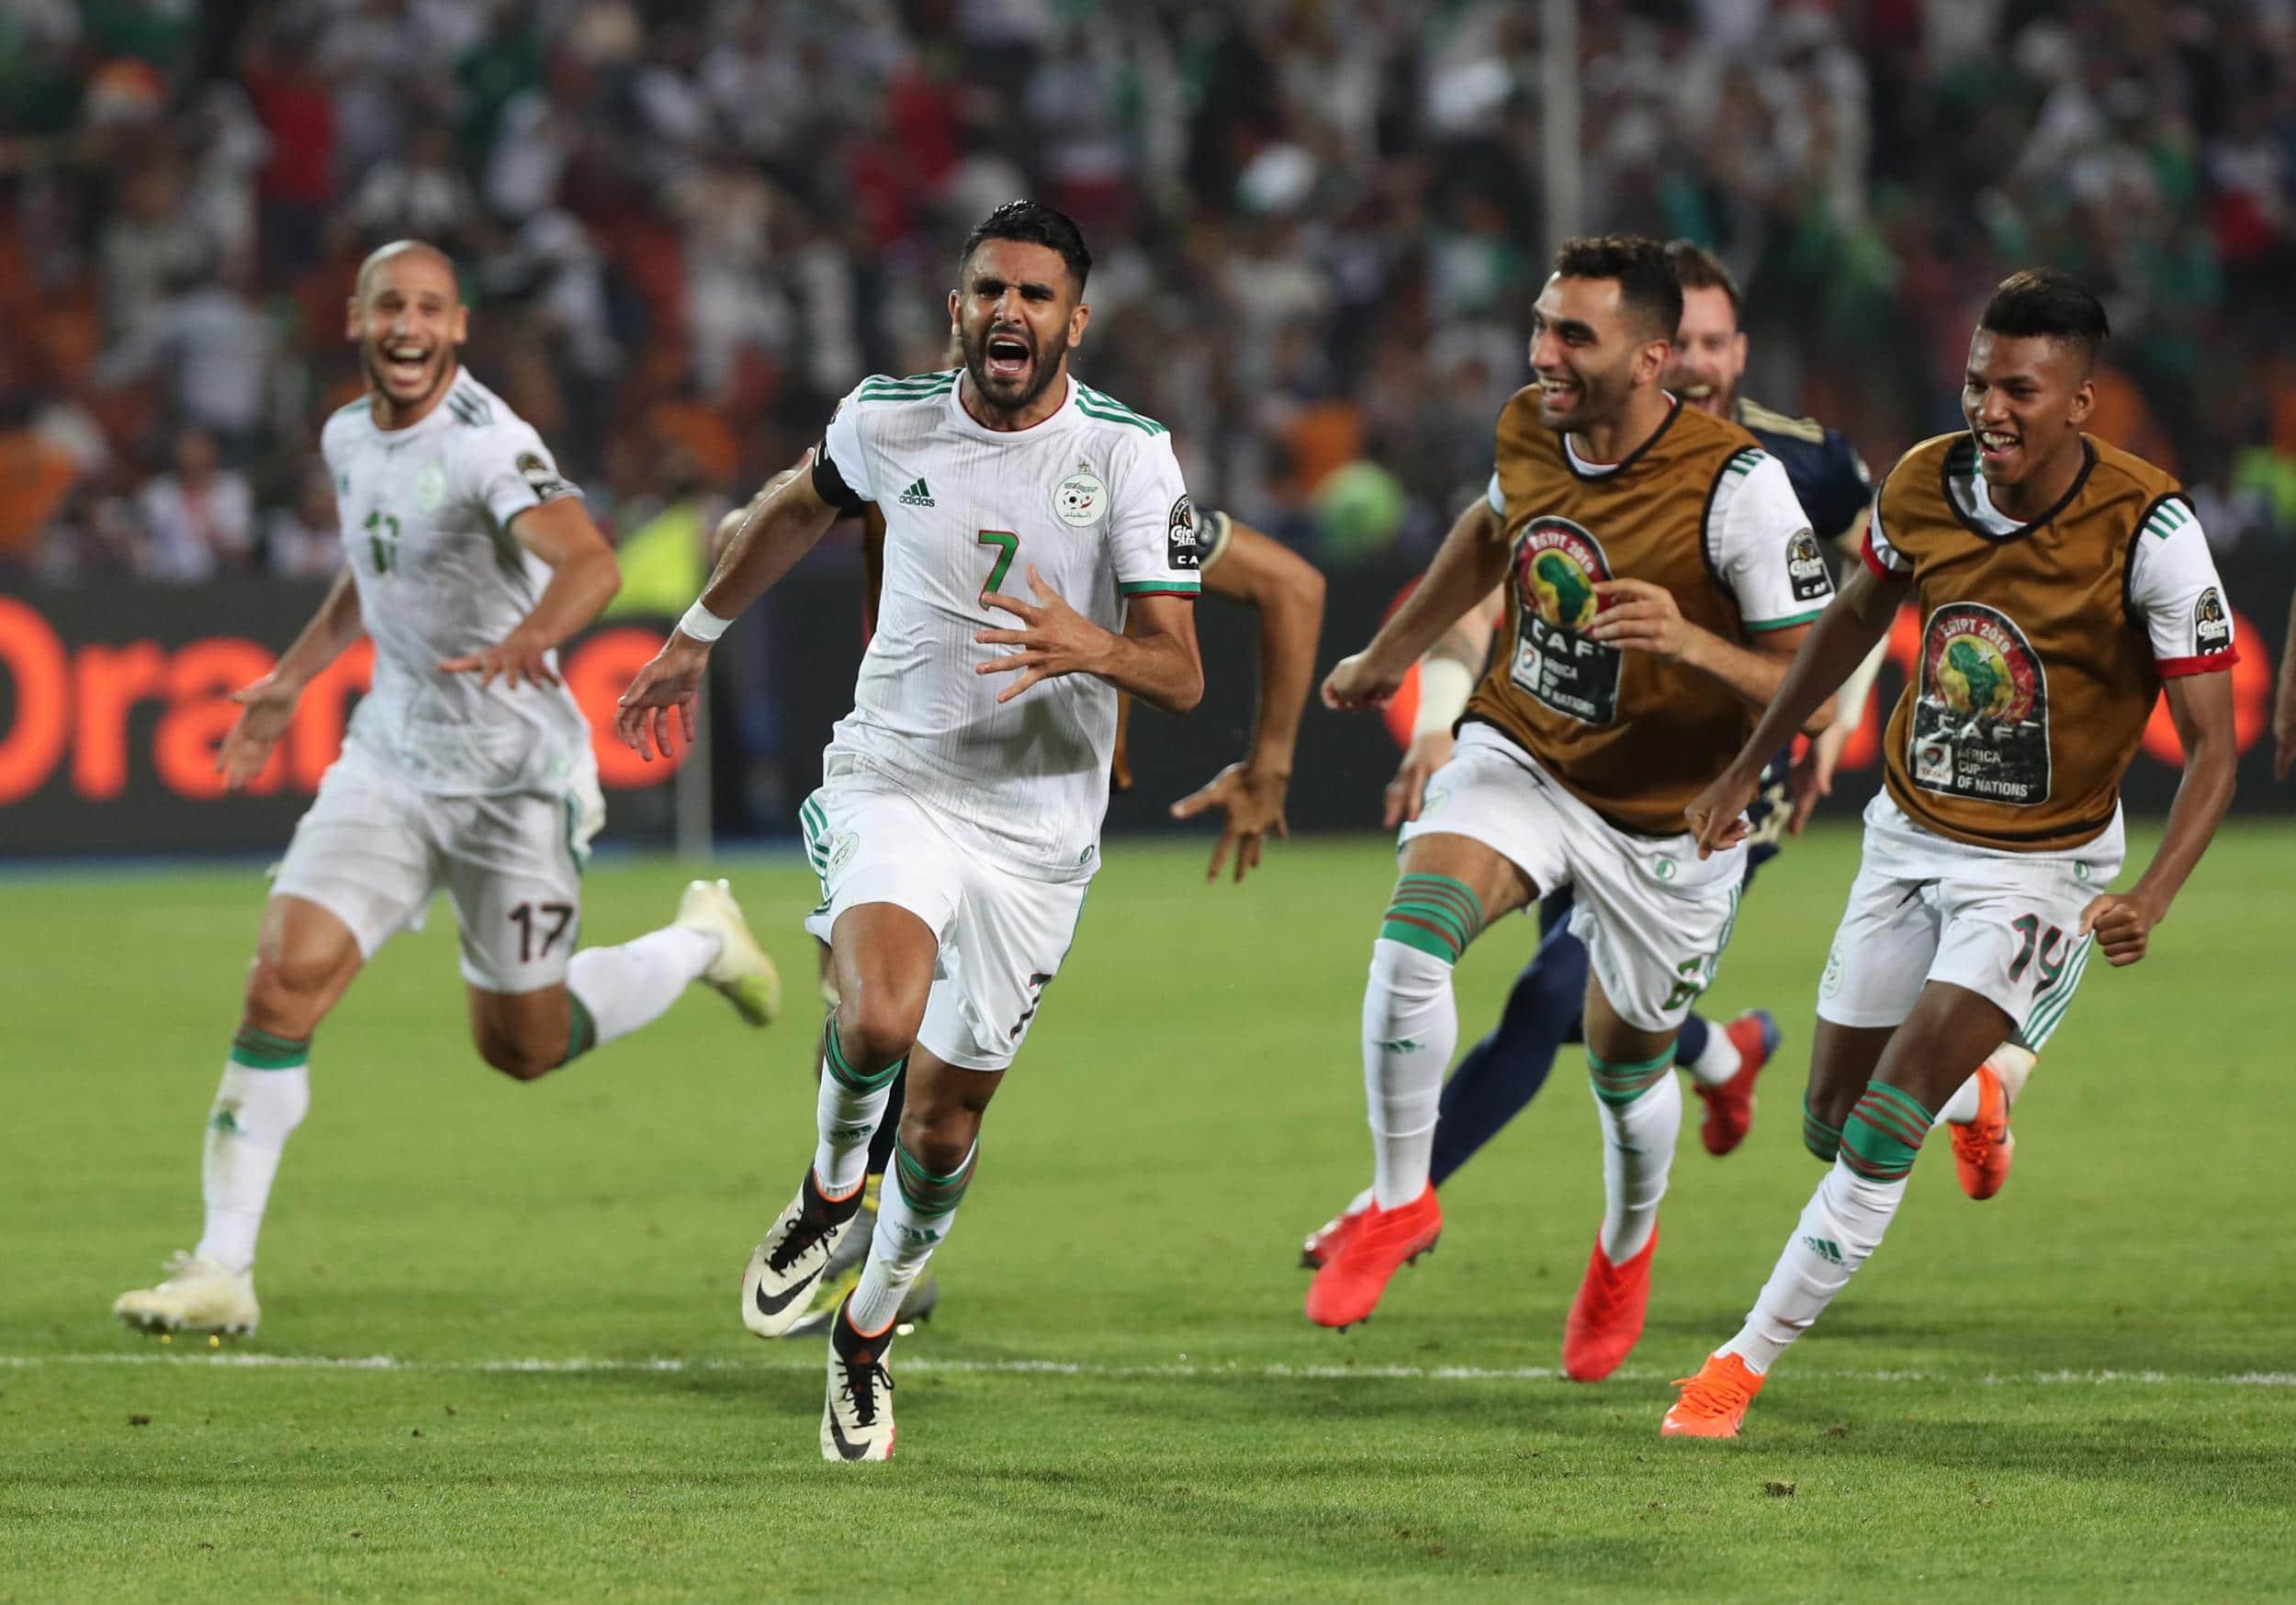 วิเคราะห์ฟุตบอล แอฟริกัน เนชั่นส์ คัพ | เซเนกัล vs แอลจีเรีย 19/07/19